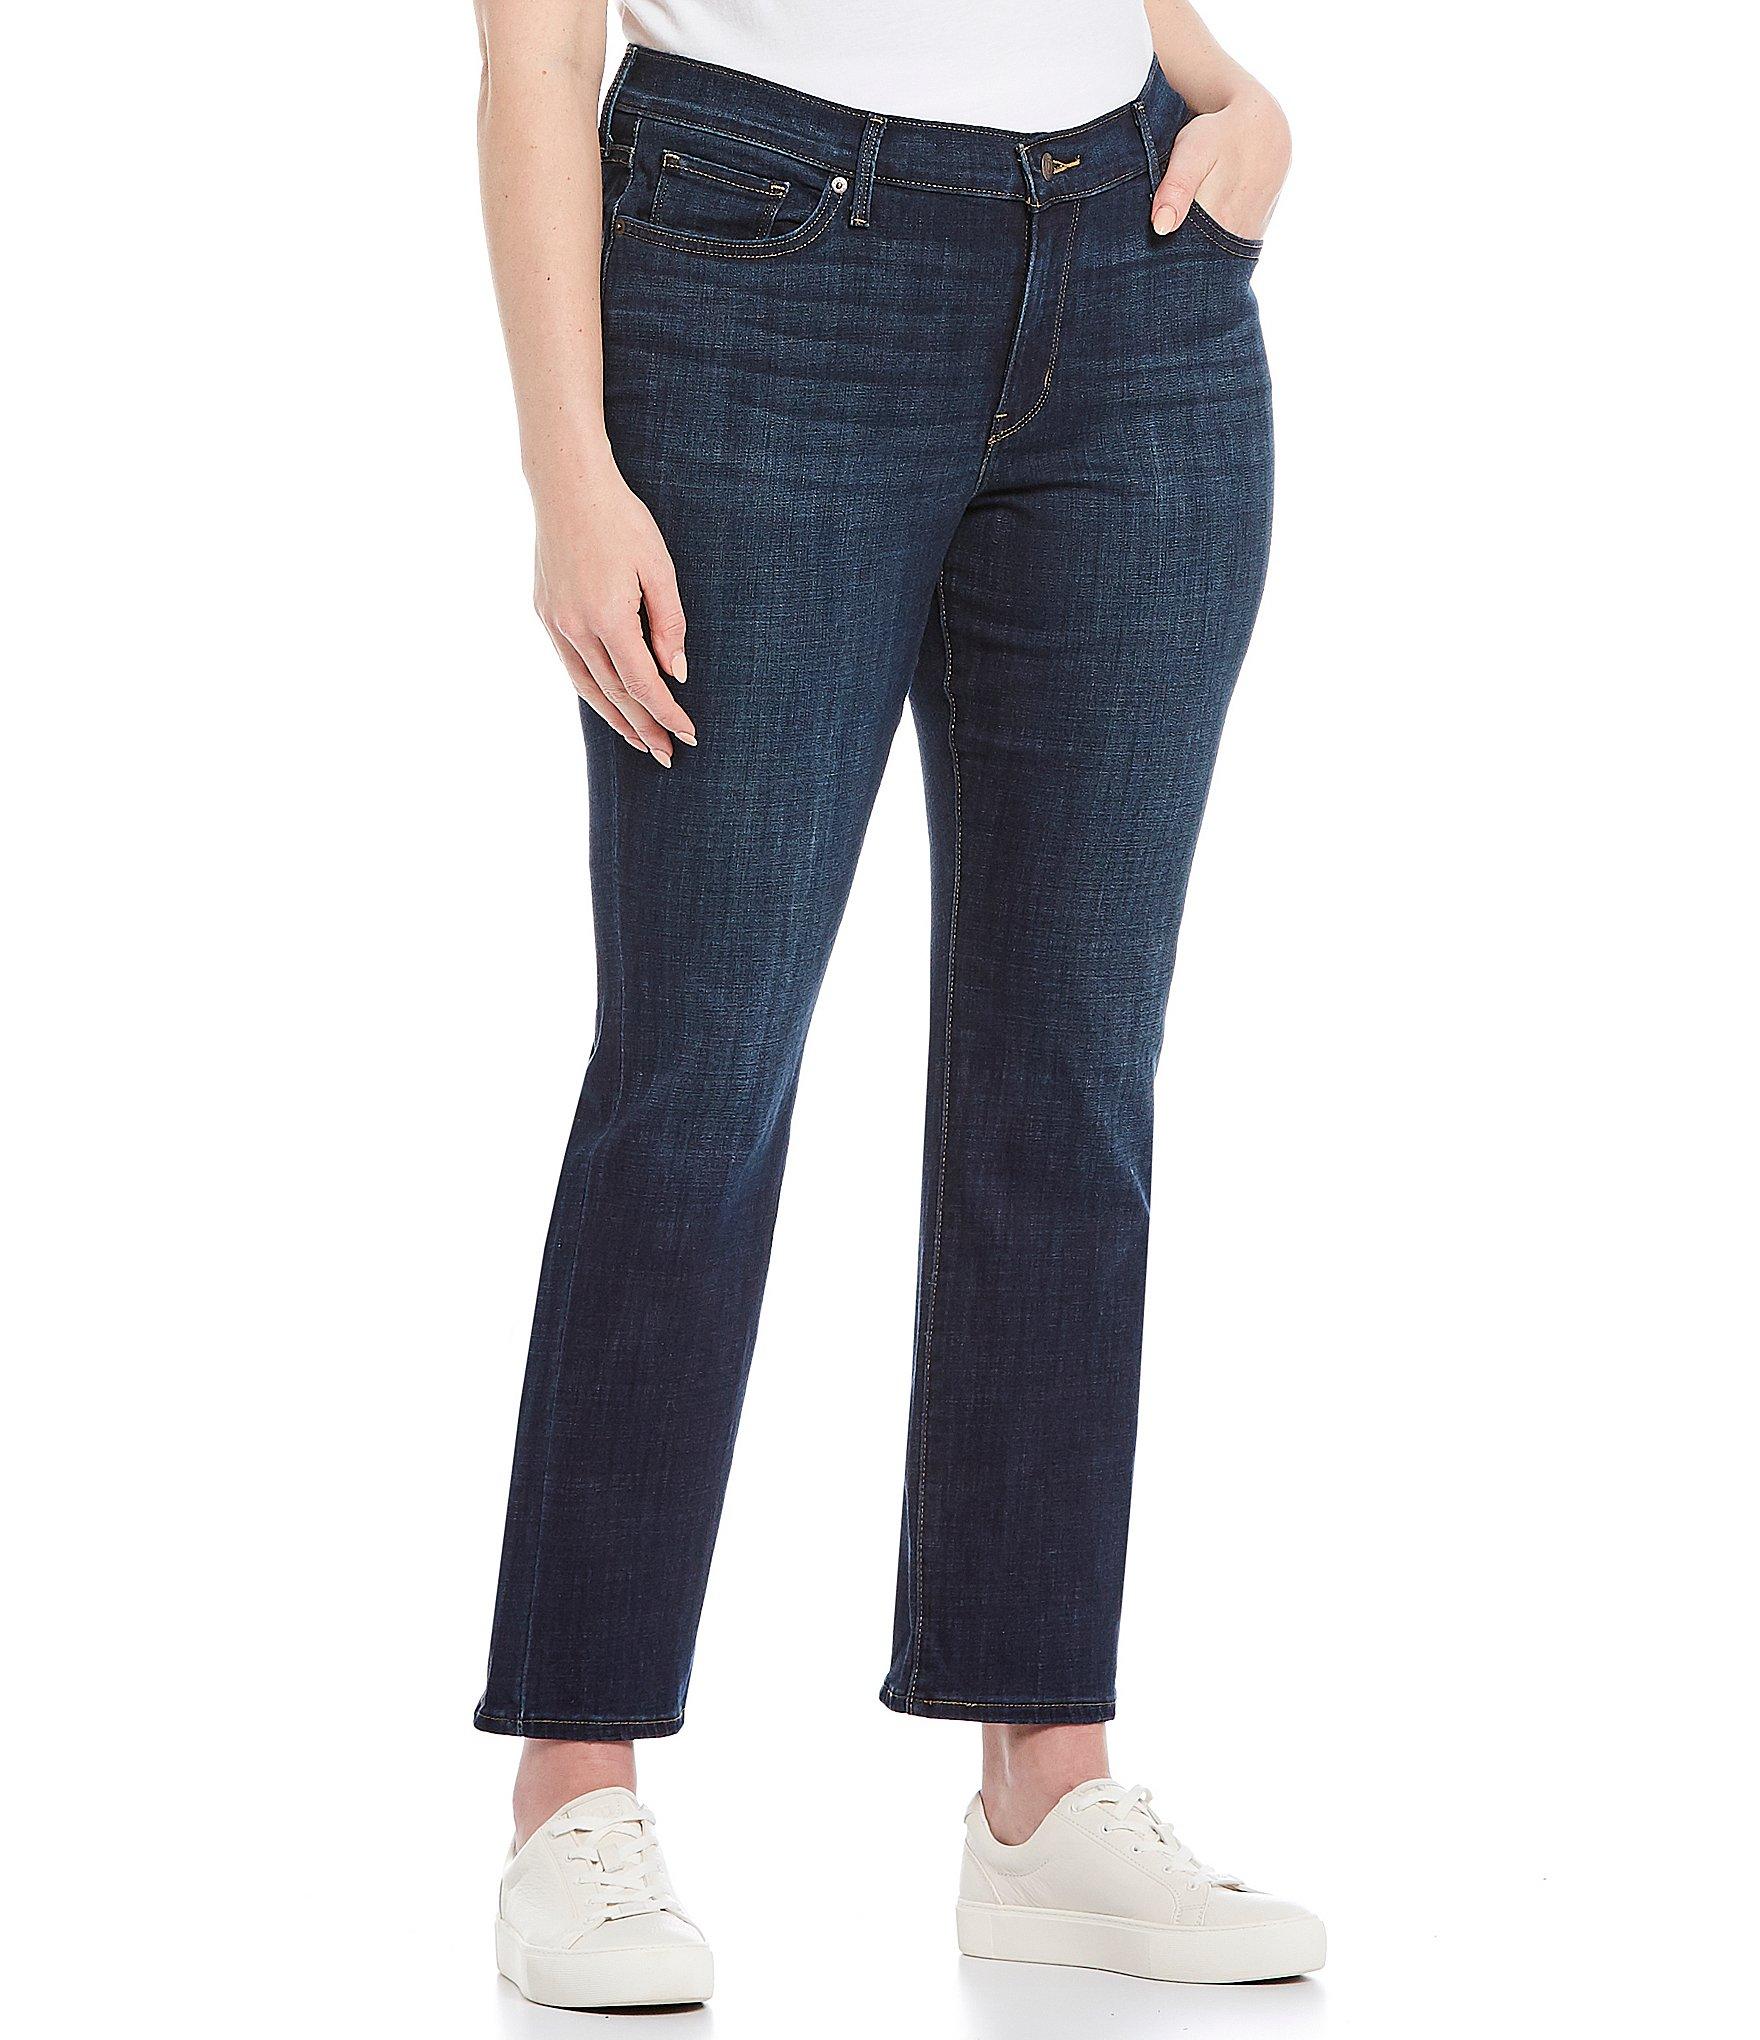 Short Rise Jeans For Men